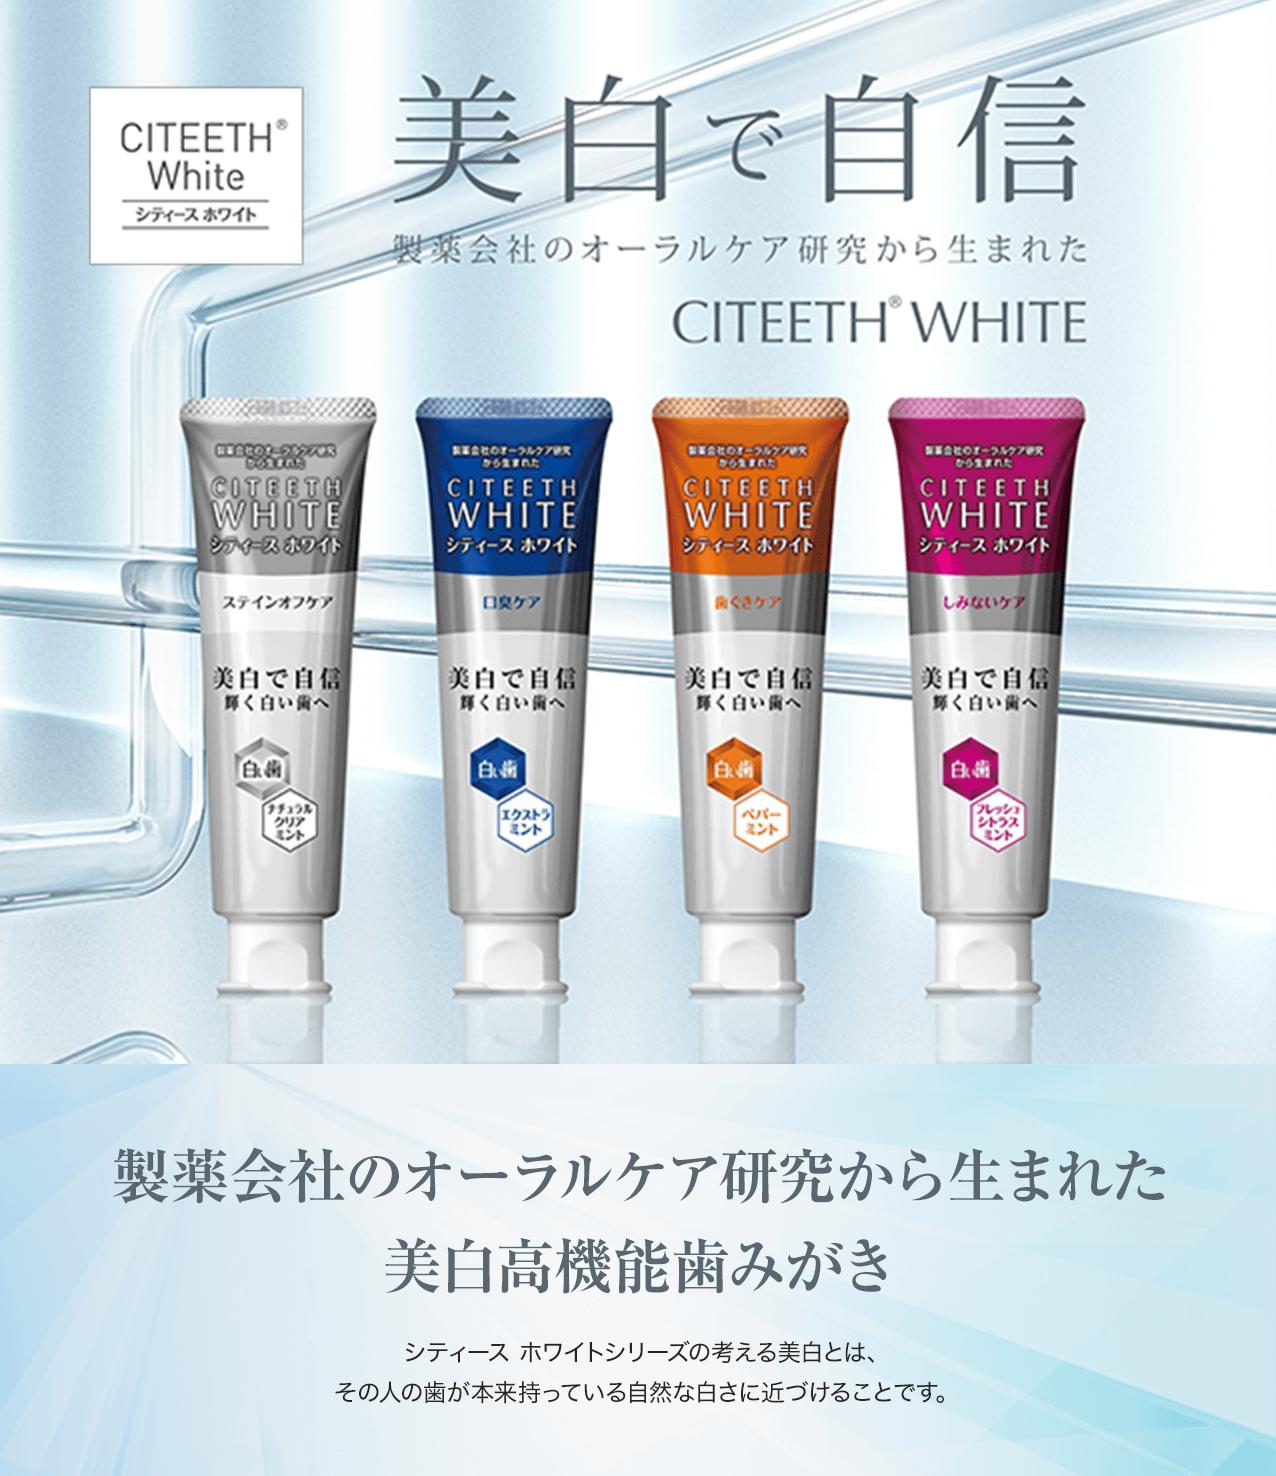 美白で自信 製薬会社のオーラルケア研究から生まれた           美白高機能歯みがき シティース ホワイトシリーズの考える美白とは、その人の歯が本来持っている自然な白さに近づけることです。